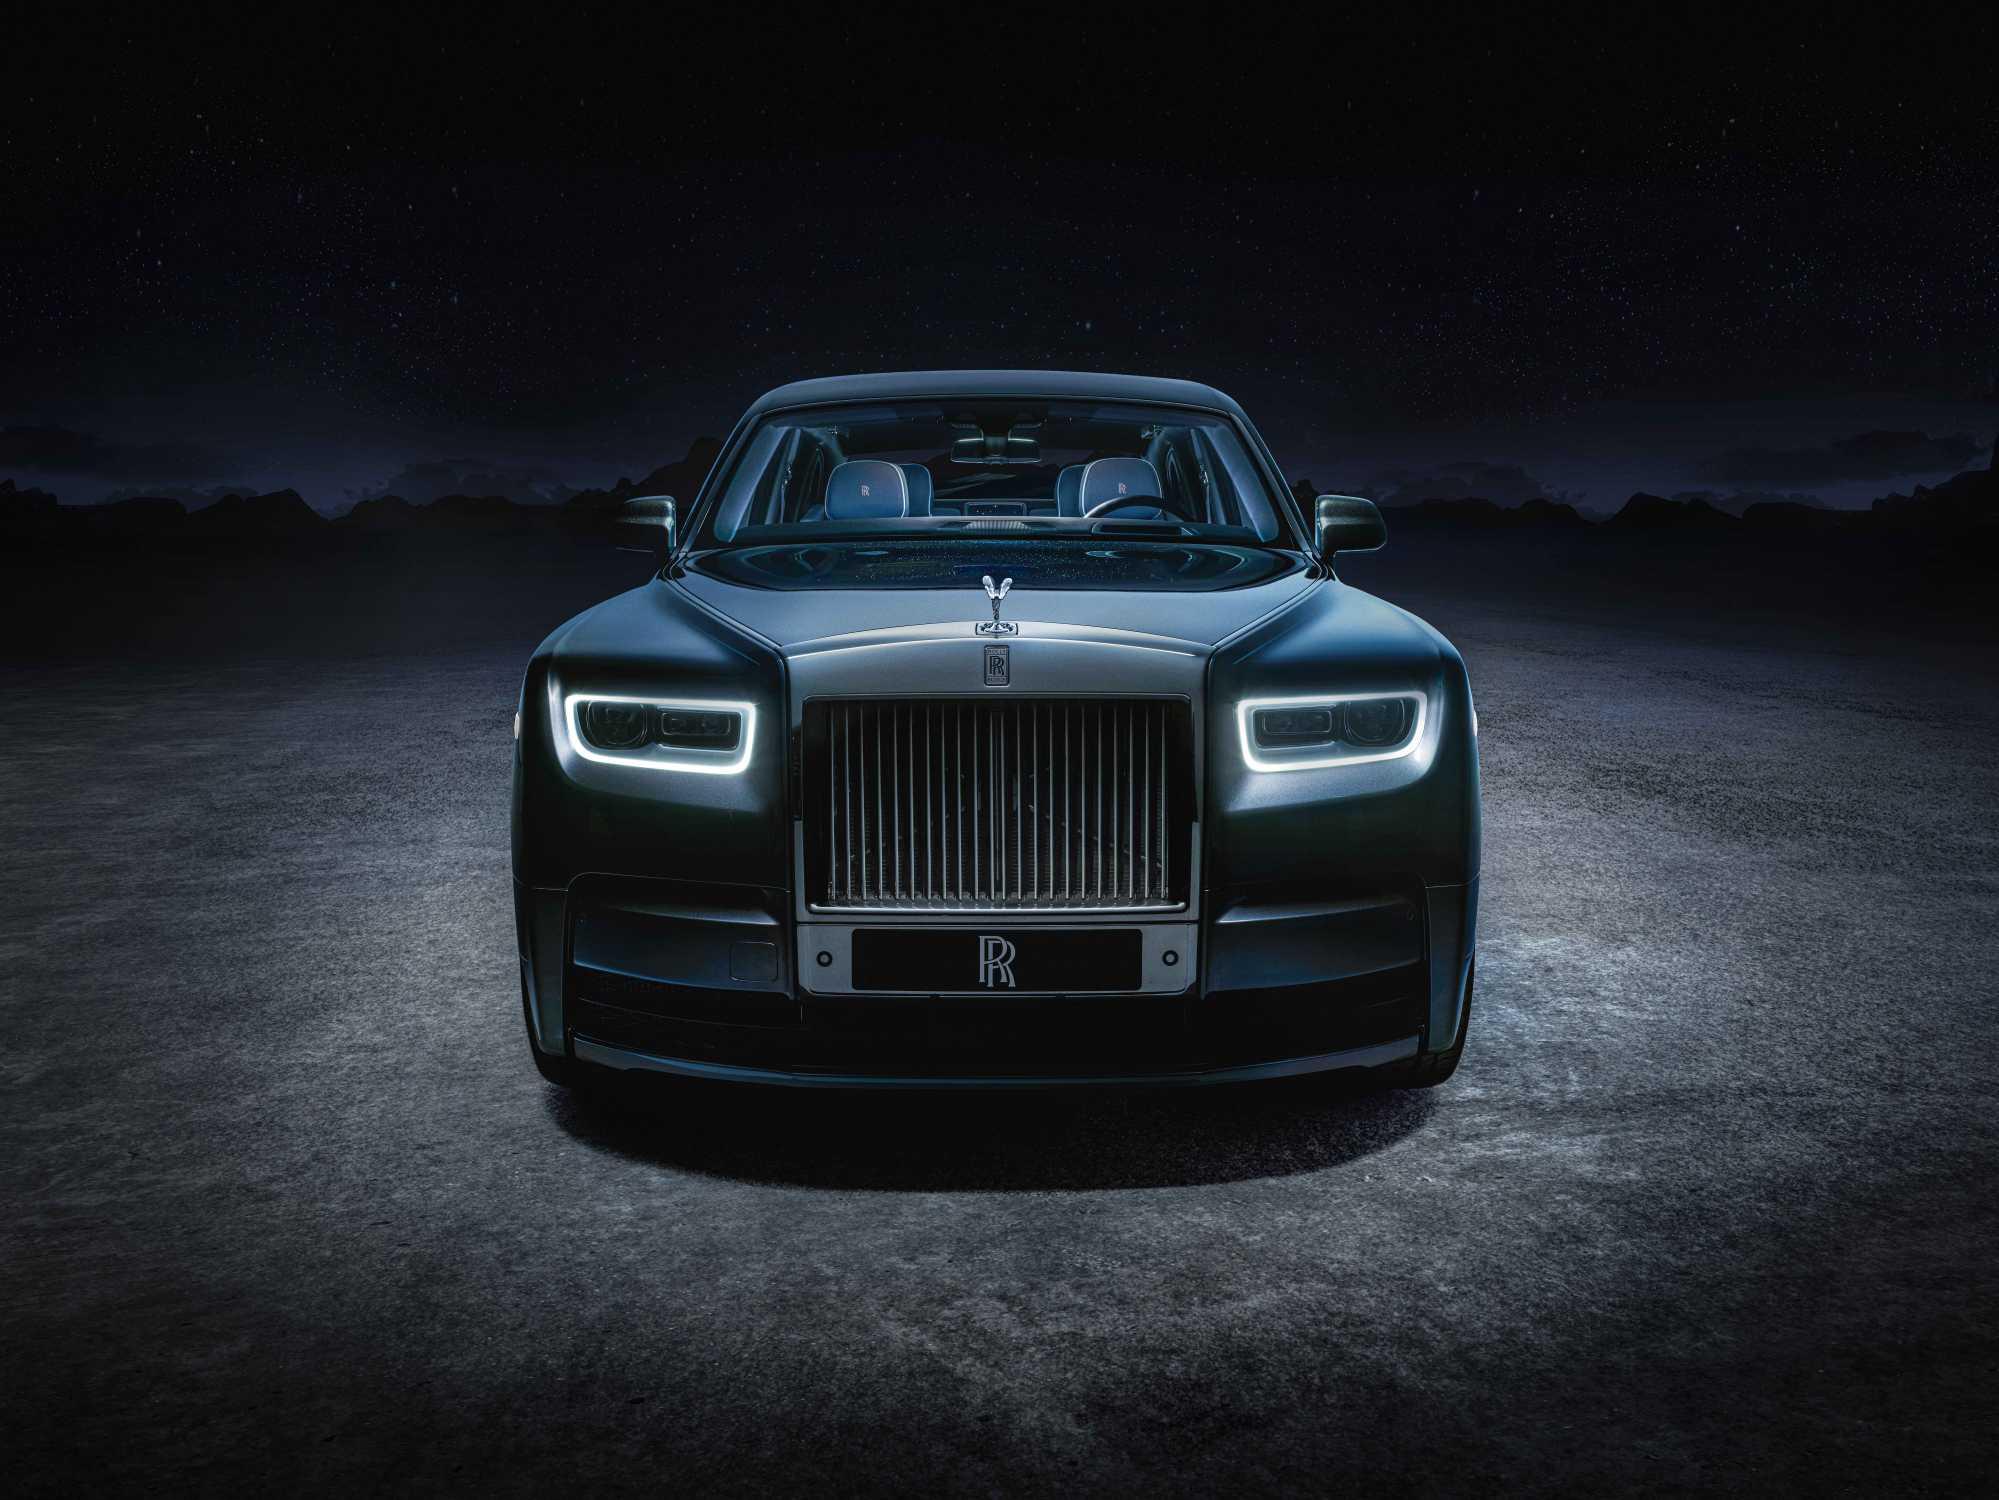 Rolls-Royce Phantom обрёл исполнение Tempus Collection, вдохновлённое бесконечностью Вселенной, феноменом времени и астрономическими событиями.